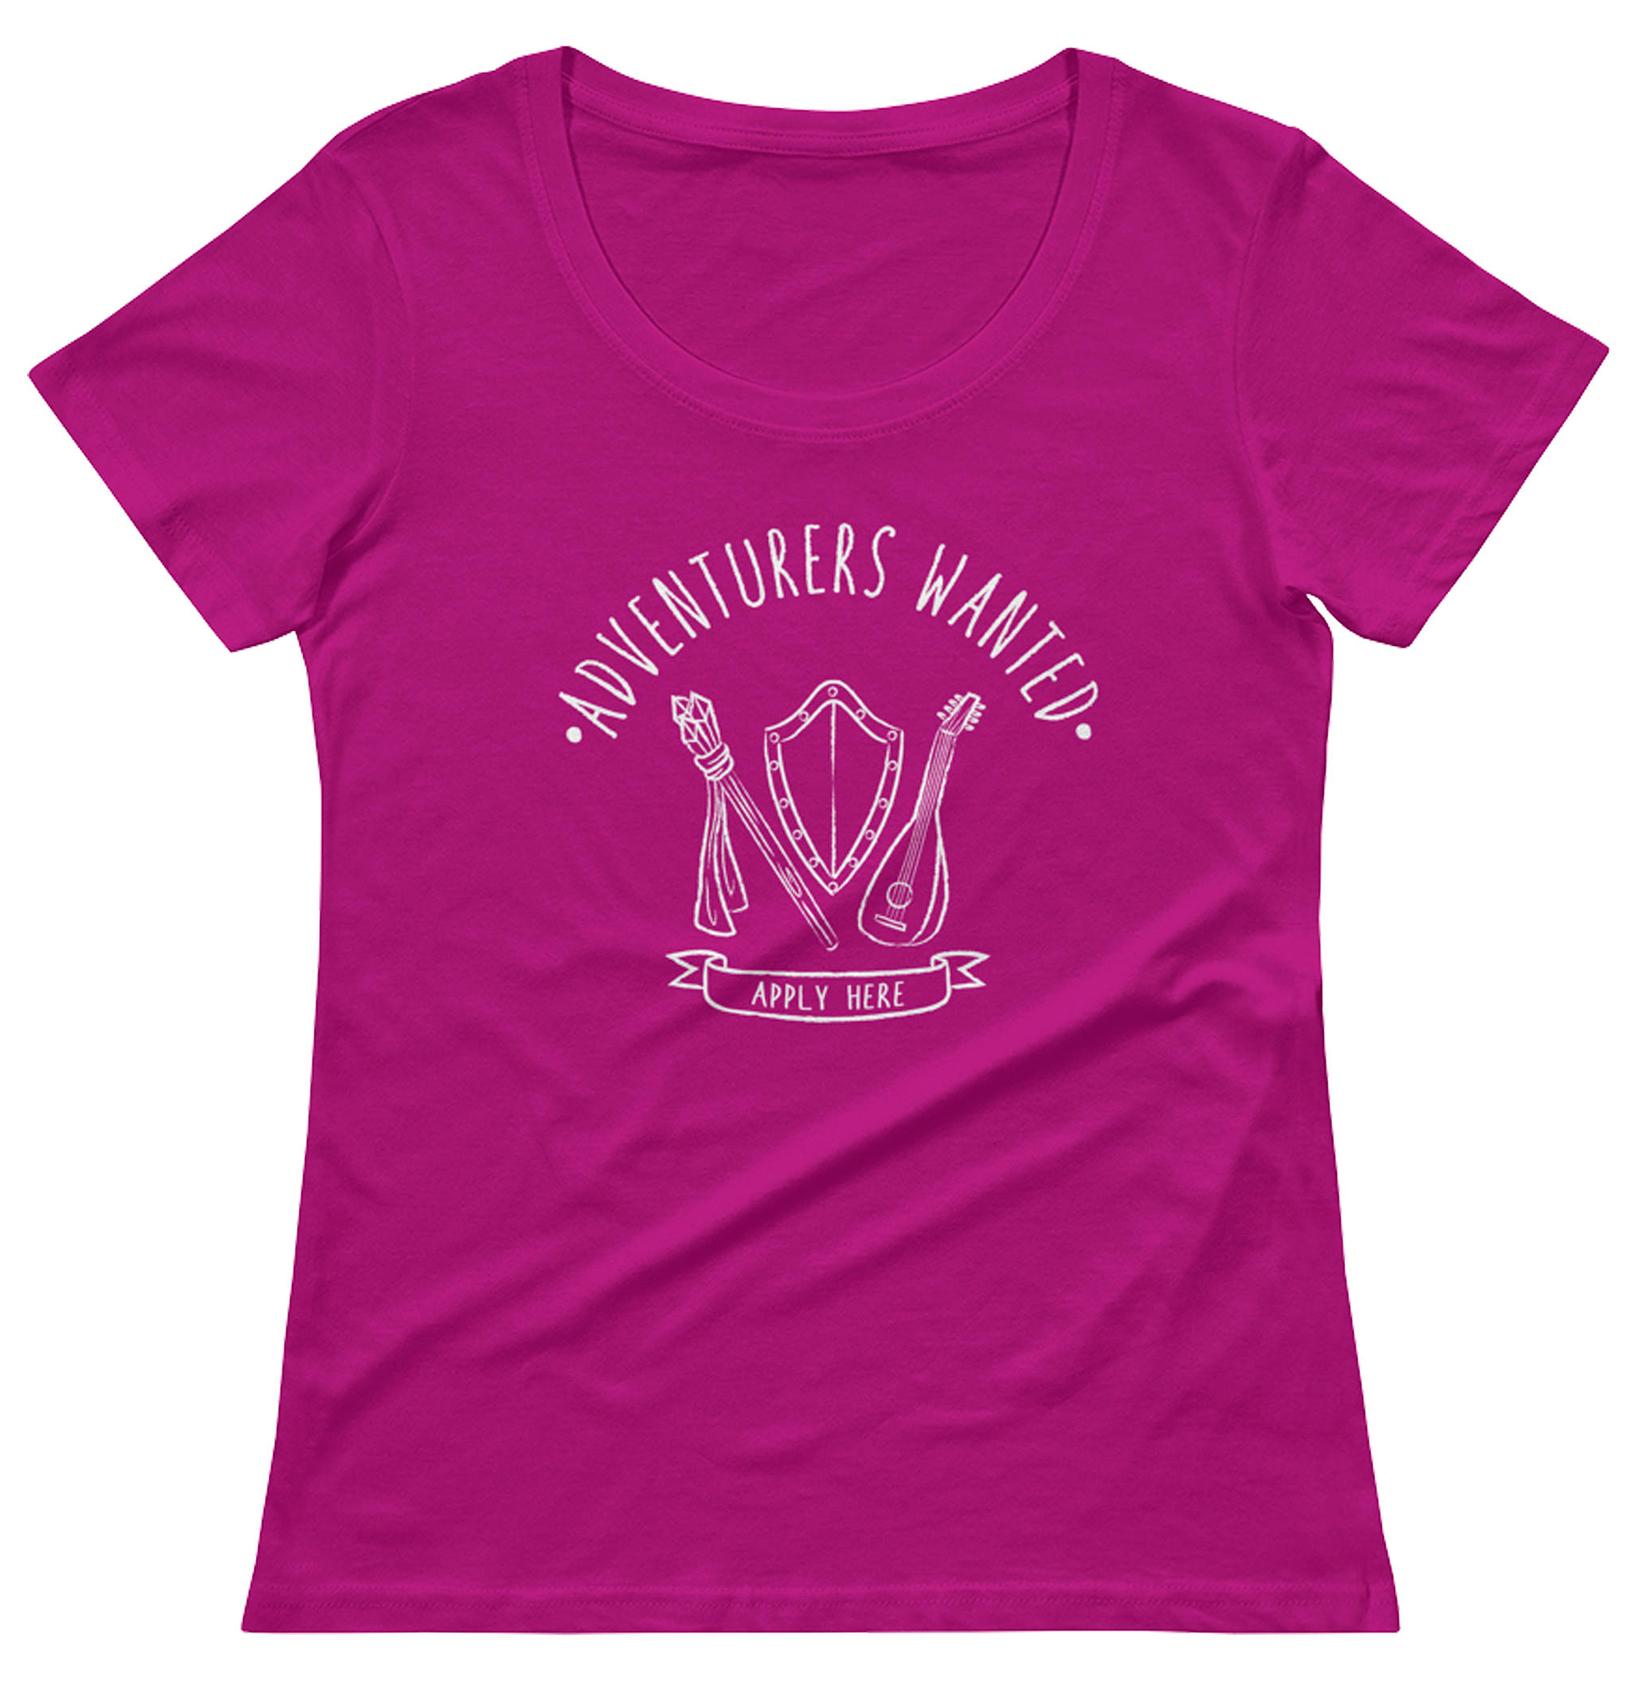 Camiseta na cor rosa com estampa branca com os dizeres: Adventures Wanted em cima, Aplly Here em baixo e no meio ilustração de um cetro, um escudo e um alaúde.